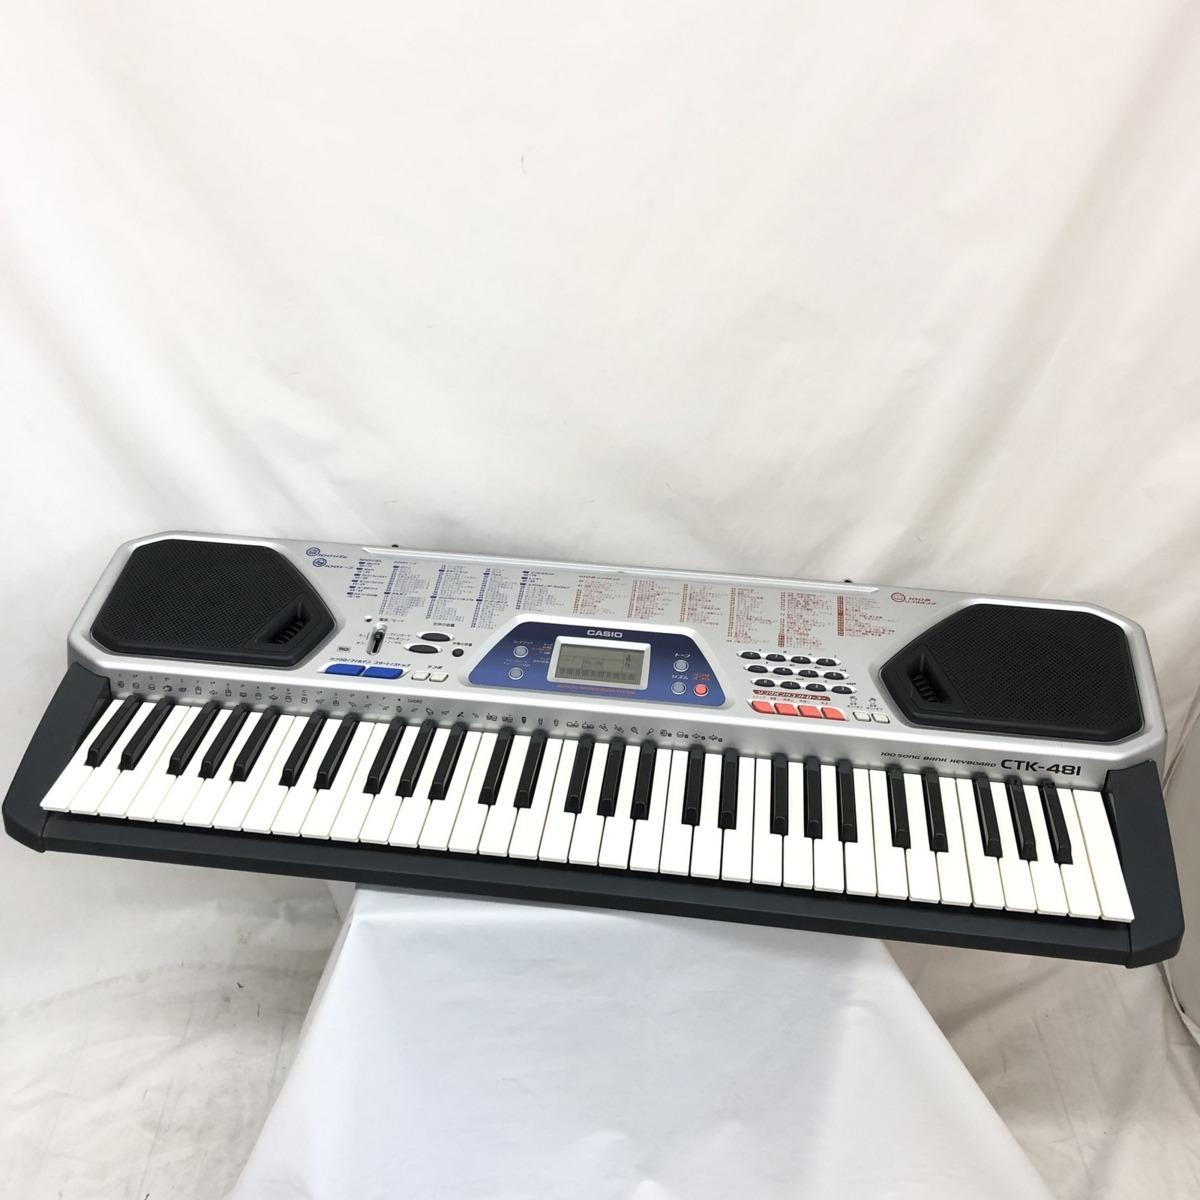 中古 CASIO カシオ 電子キーボード ベーシックキーボード CTK-481 61鍵盤 シルバー 電子ピアノ 鍵盤楽器 アダプター付き H15428_画像1